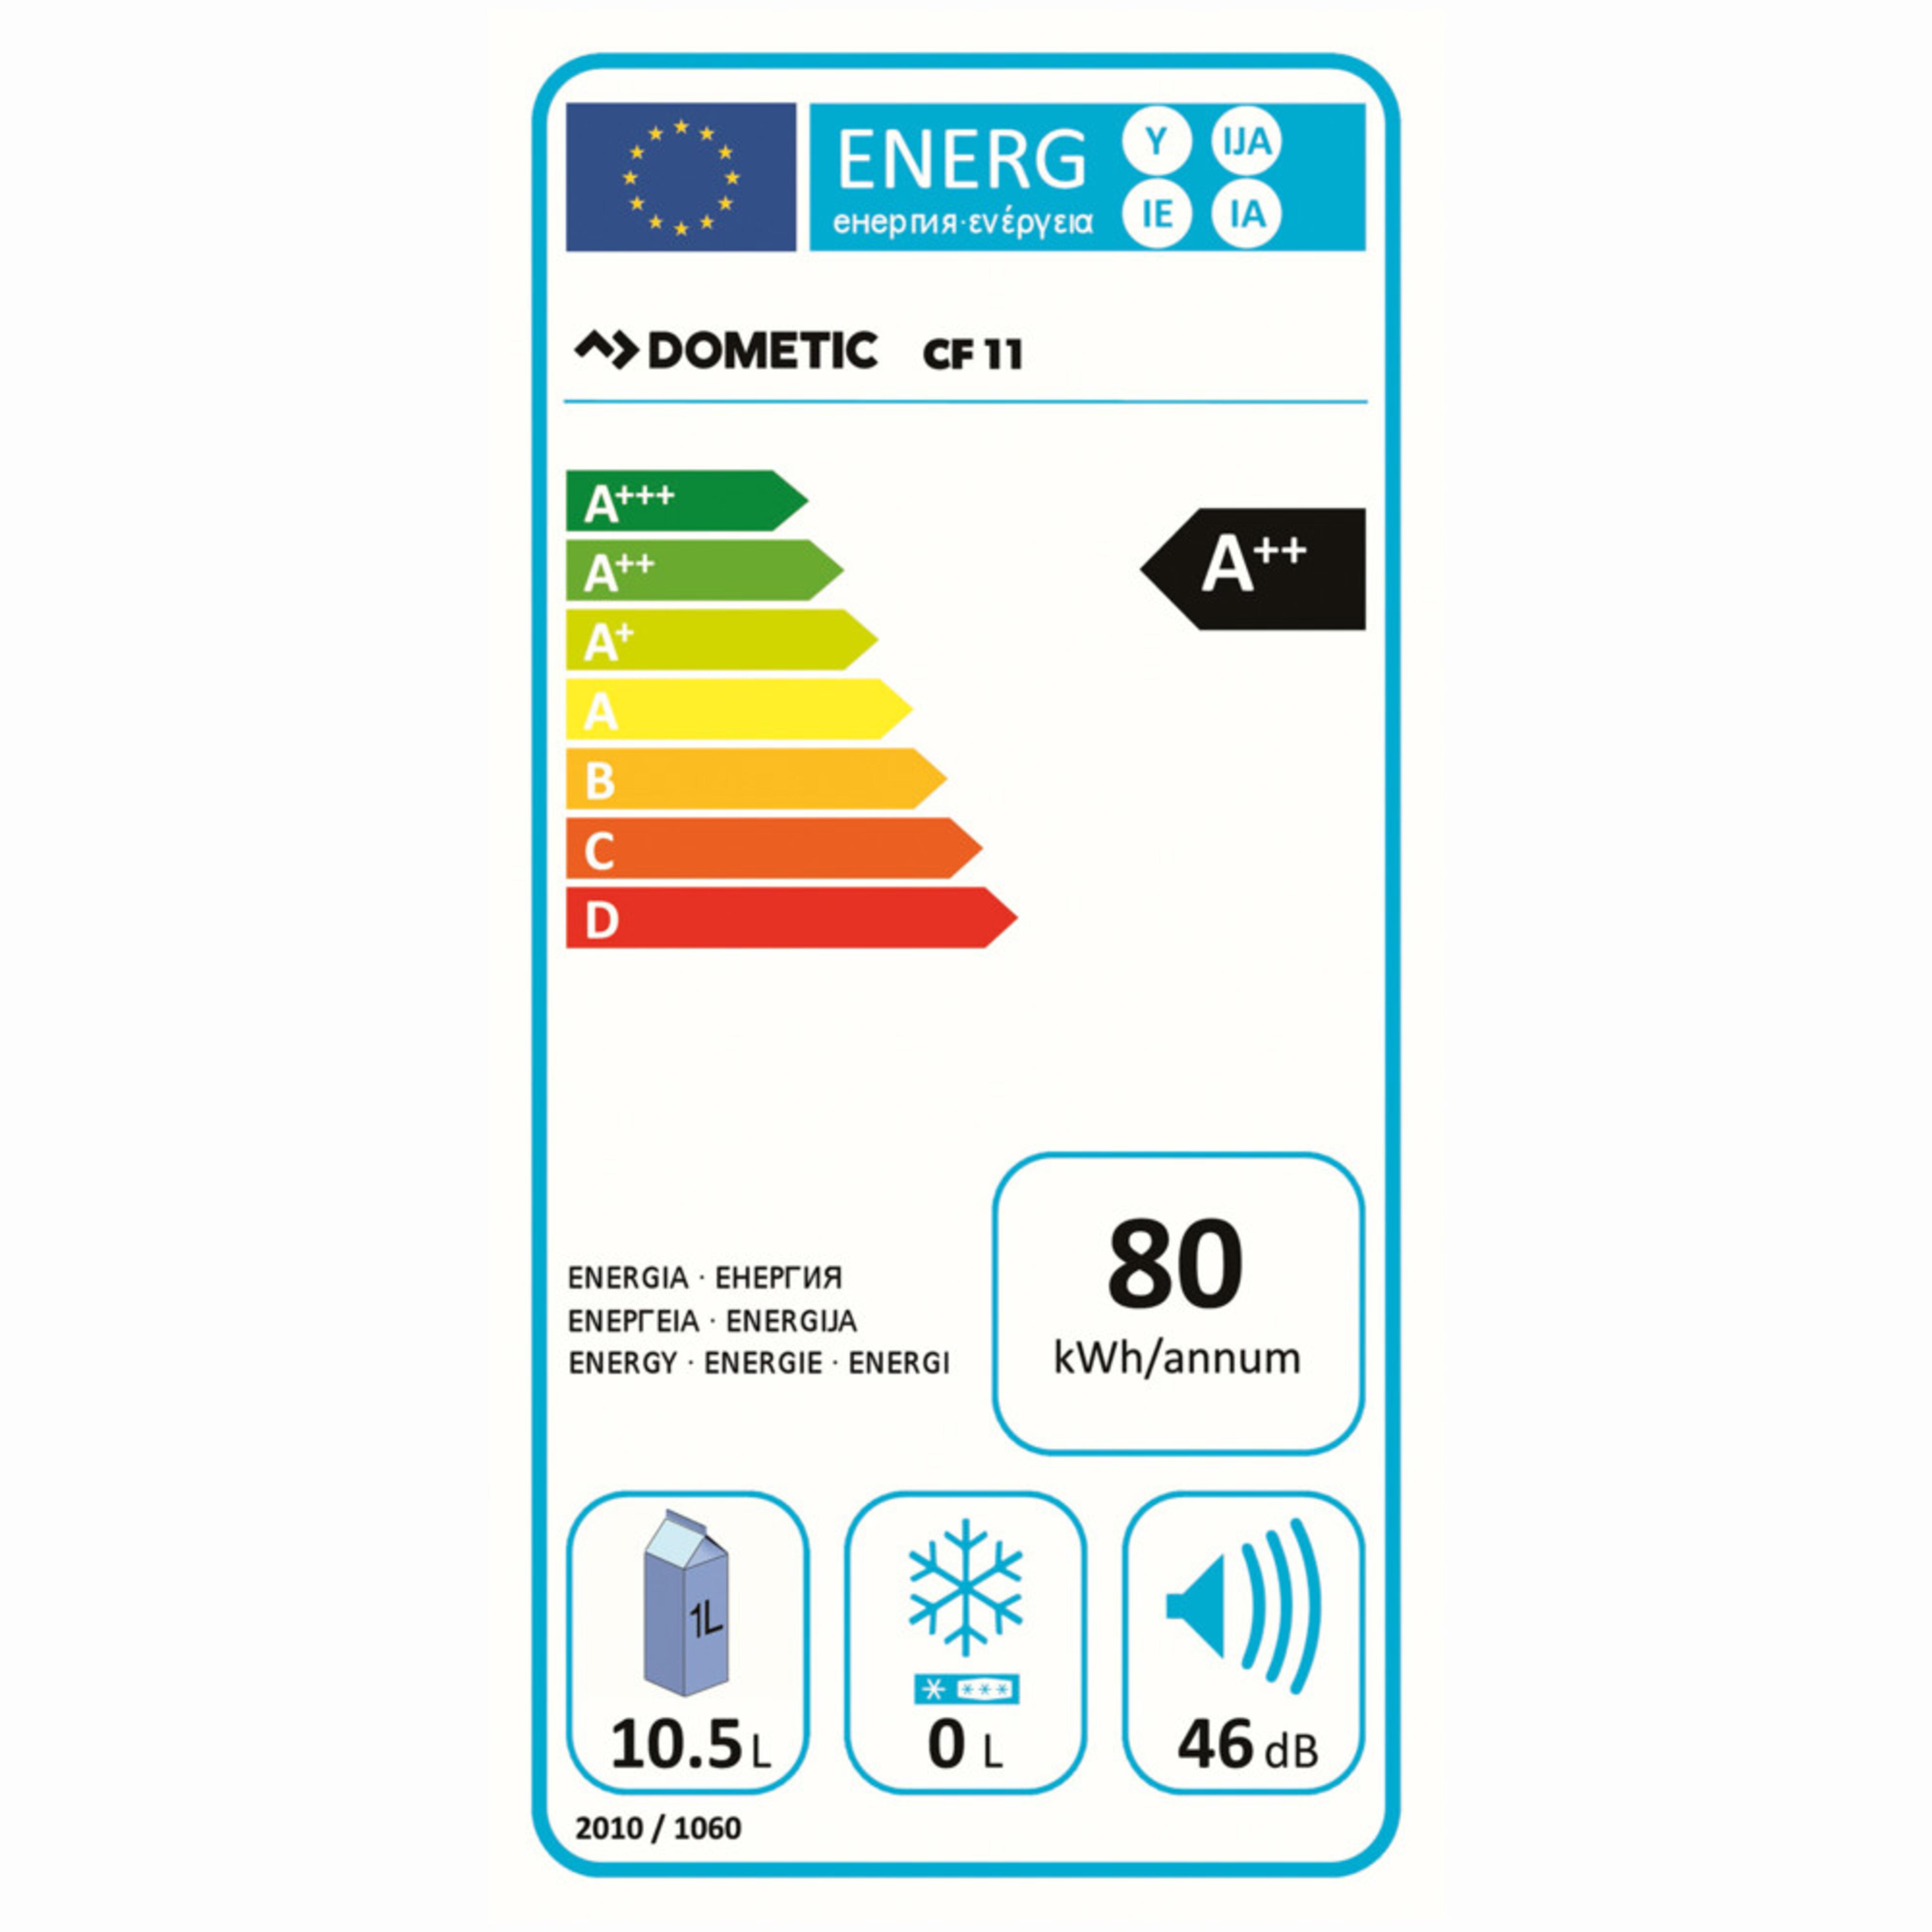 Dometic CoolFreeze CF 11 Energiamerkki